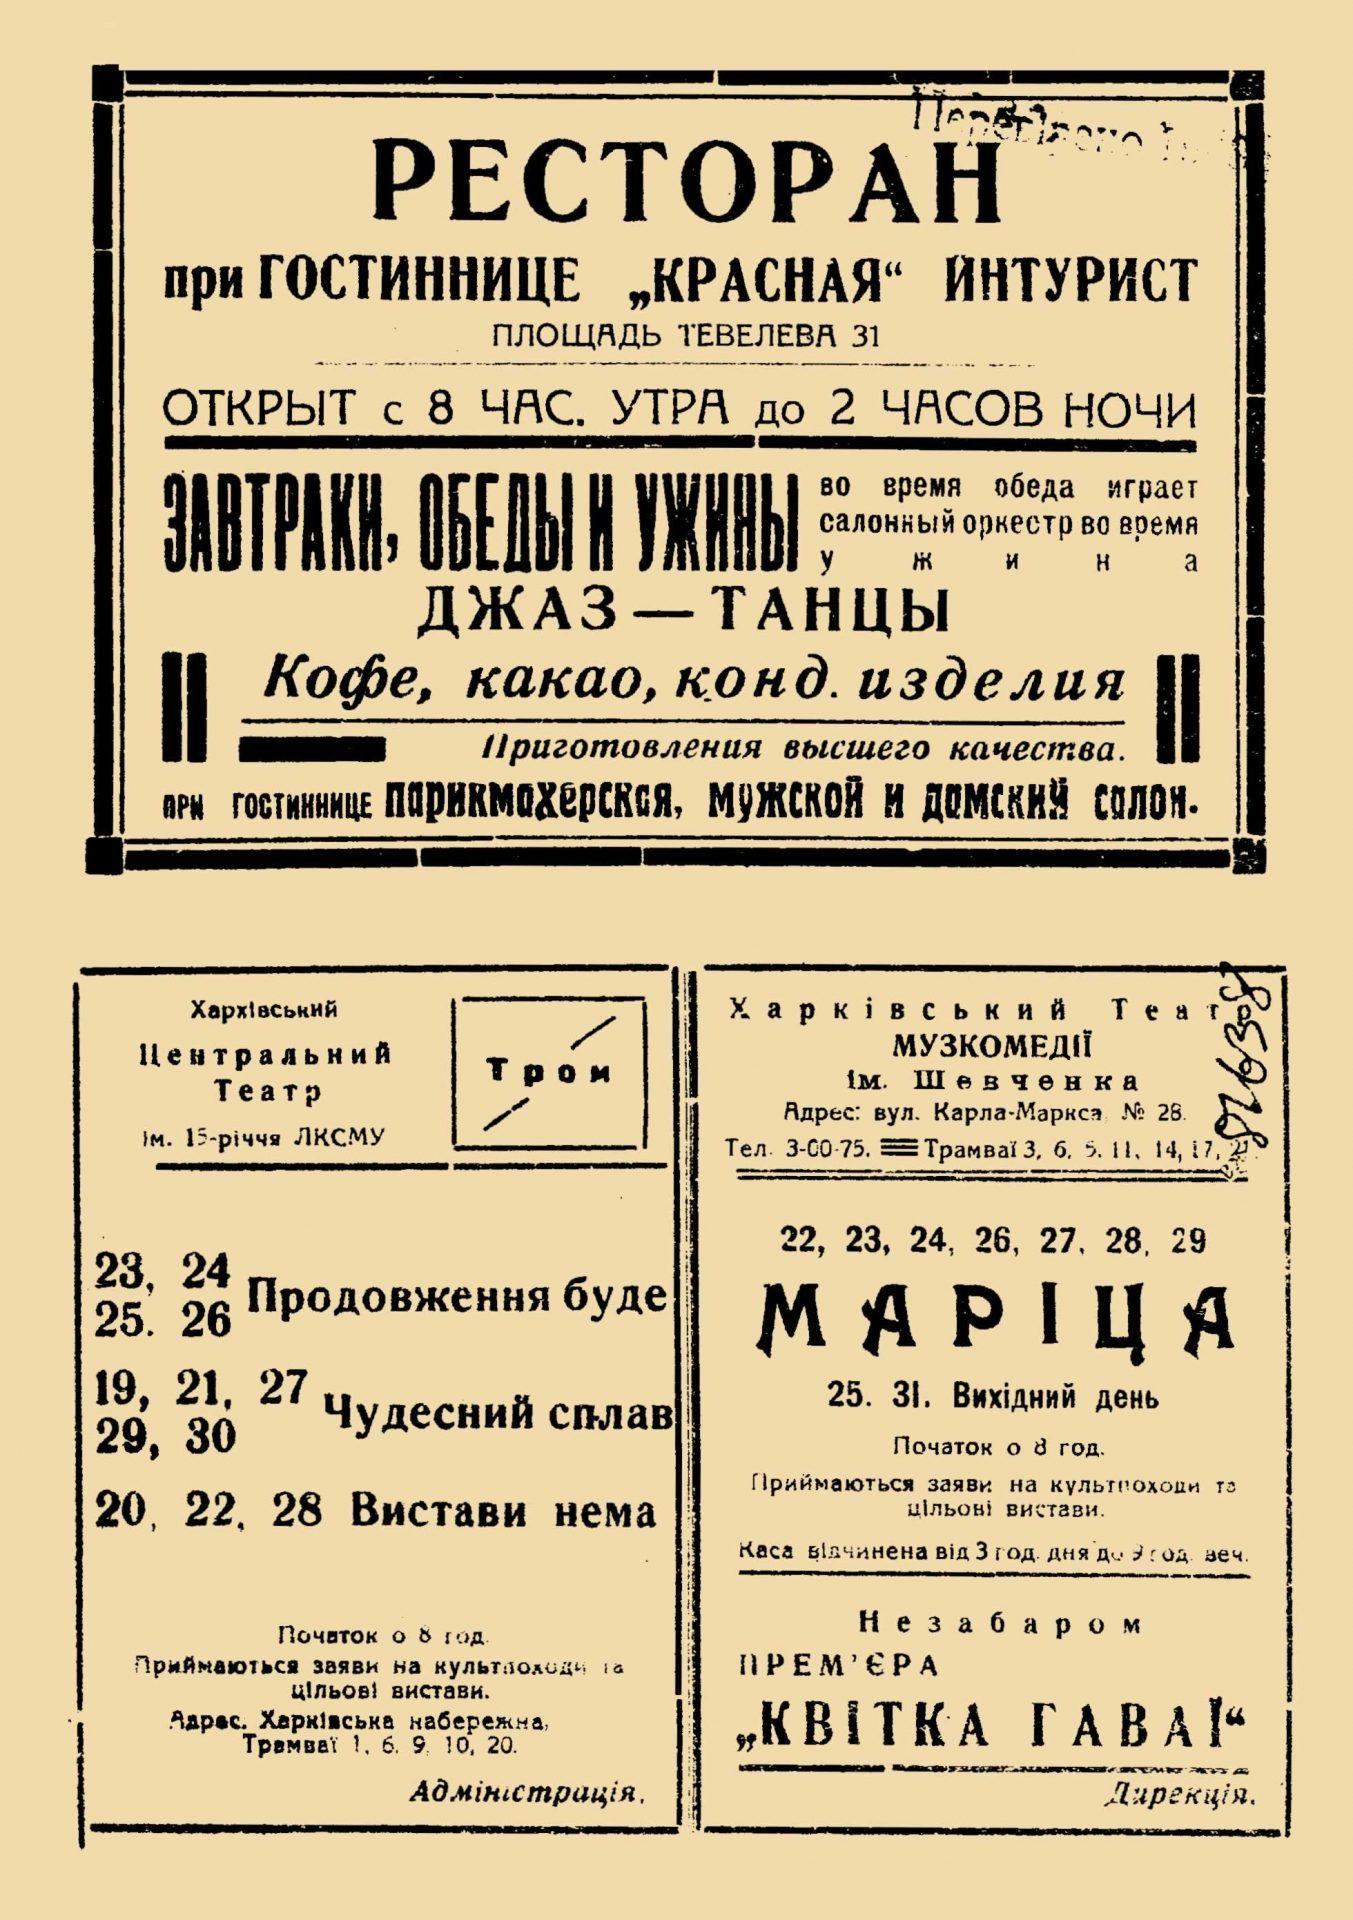 Театральна декада_1934_02